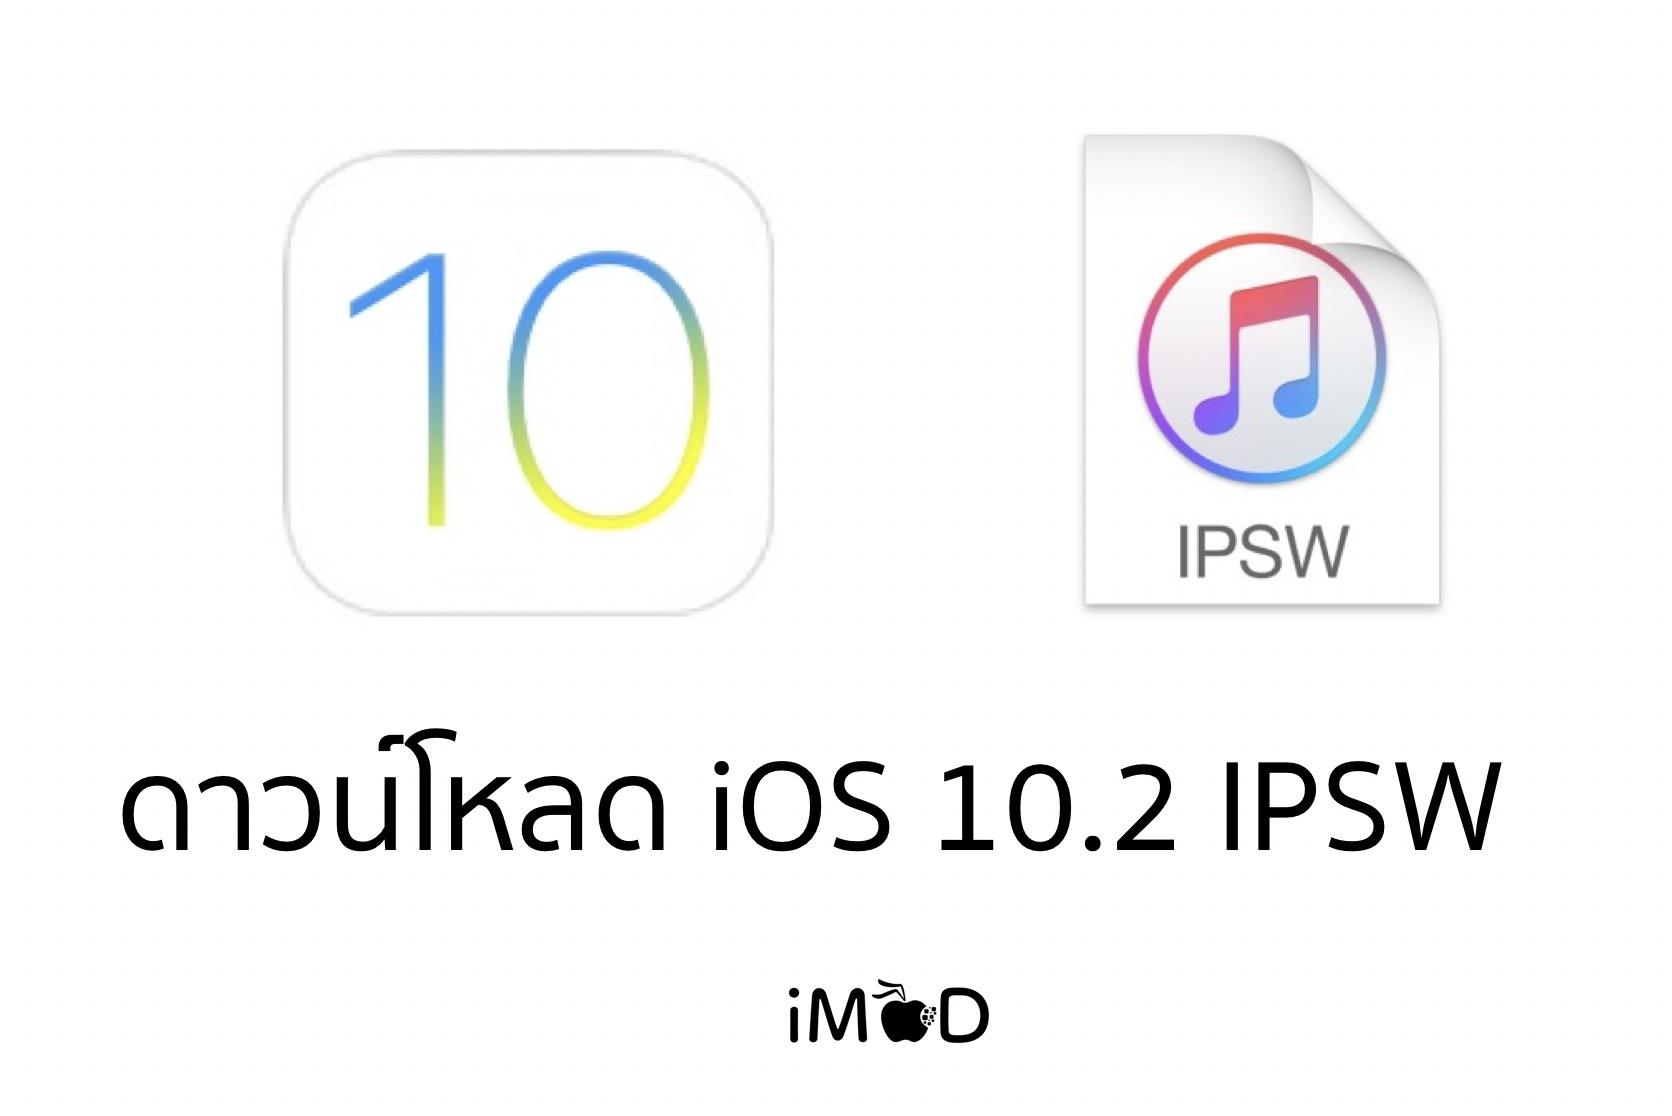 ดาวน์โหลด iOS 10.2 IPSW เวอร์ชันสมบูรณ์ลิงก์โหลดแรงจาก Apple